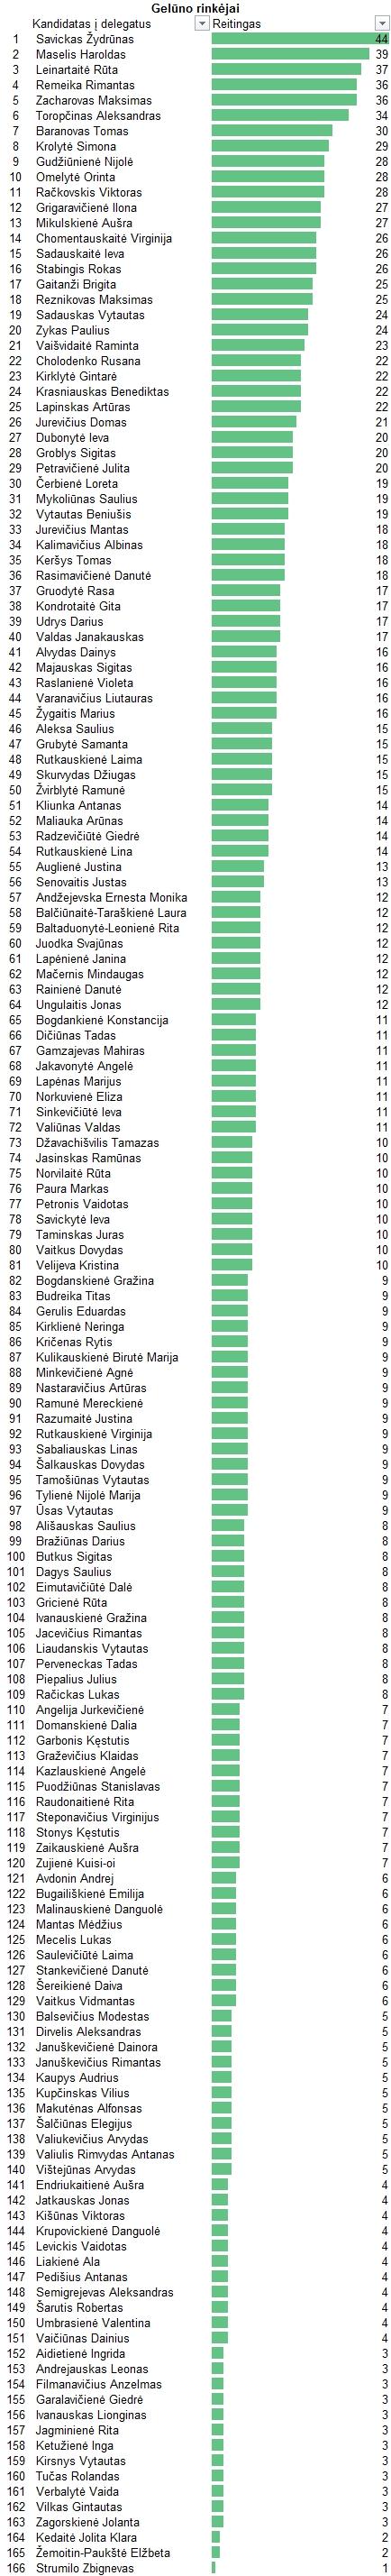 Čia yra sureitinguoti visi kandidatai į suvažiavimo delegatus pagal balsavusiuosius už Arūną Gelūną kaip kandidatą nuo LRLS į Senamiesčio vienmandatę 2016 metų Seimo rinkimams.